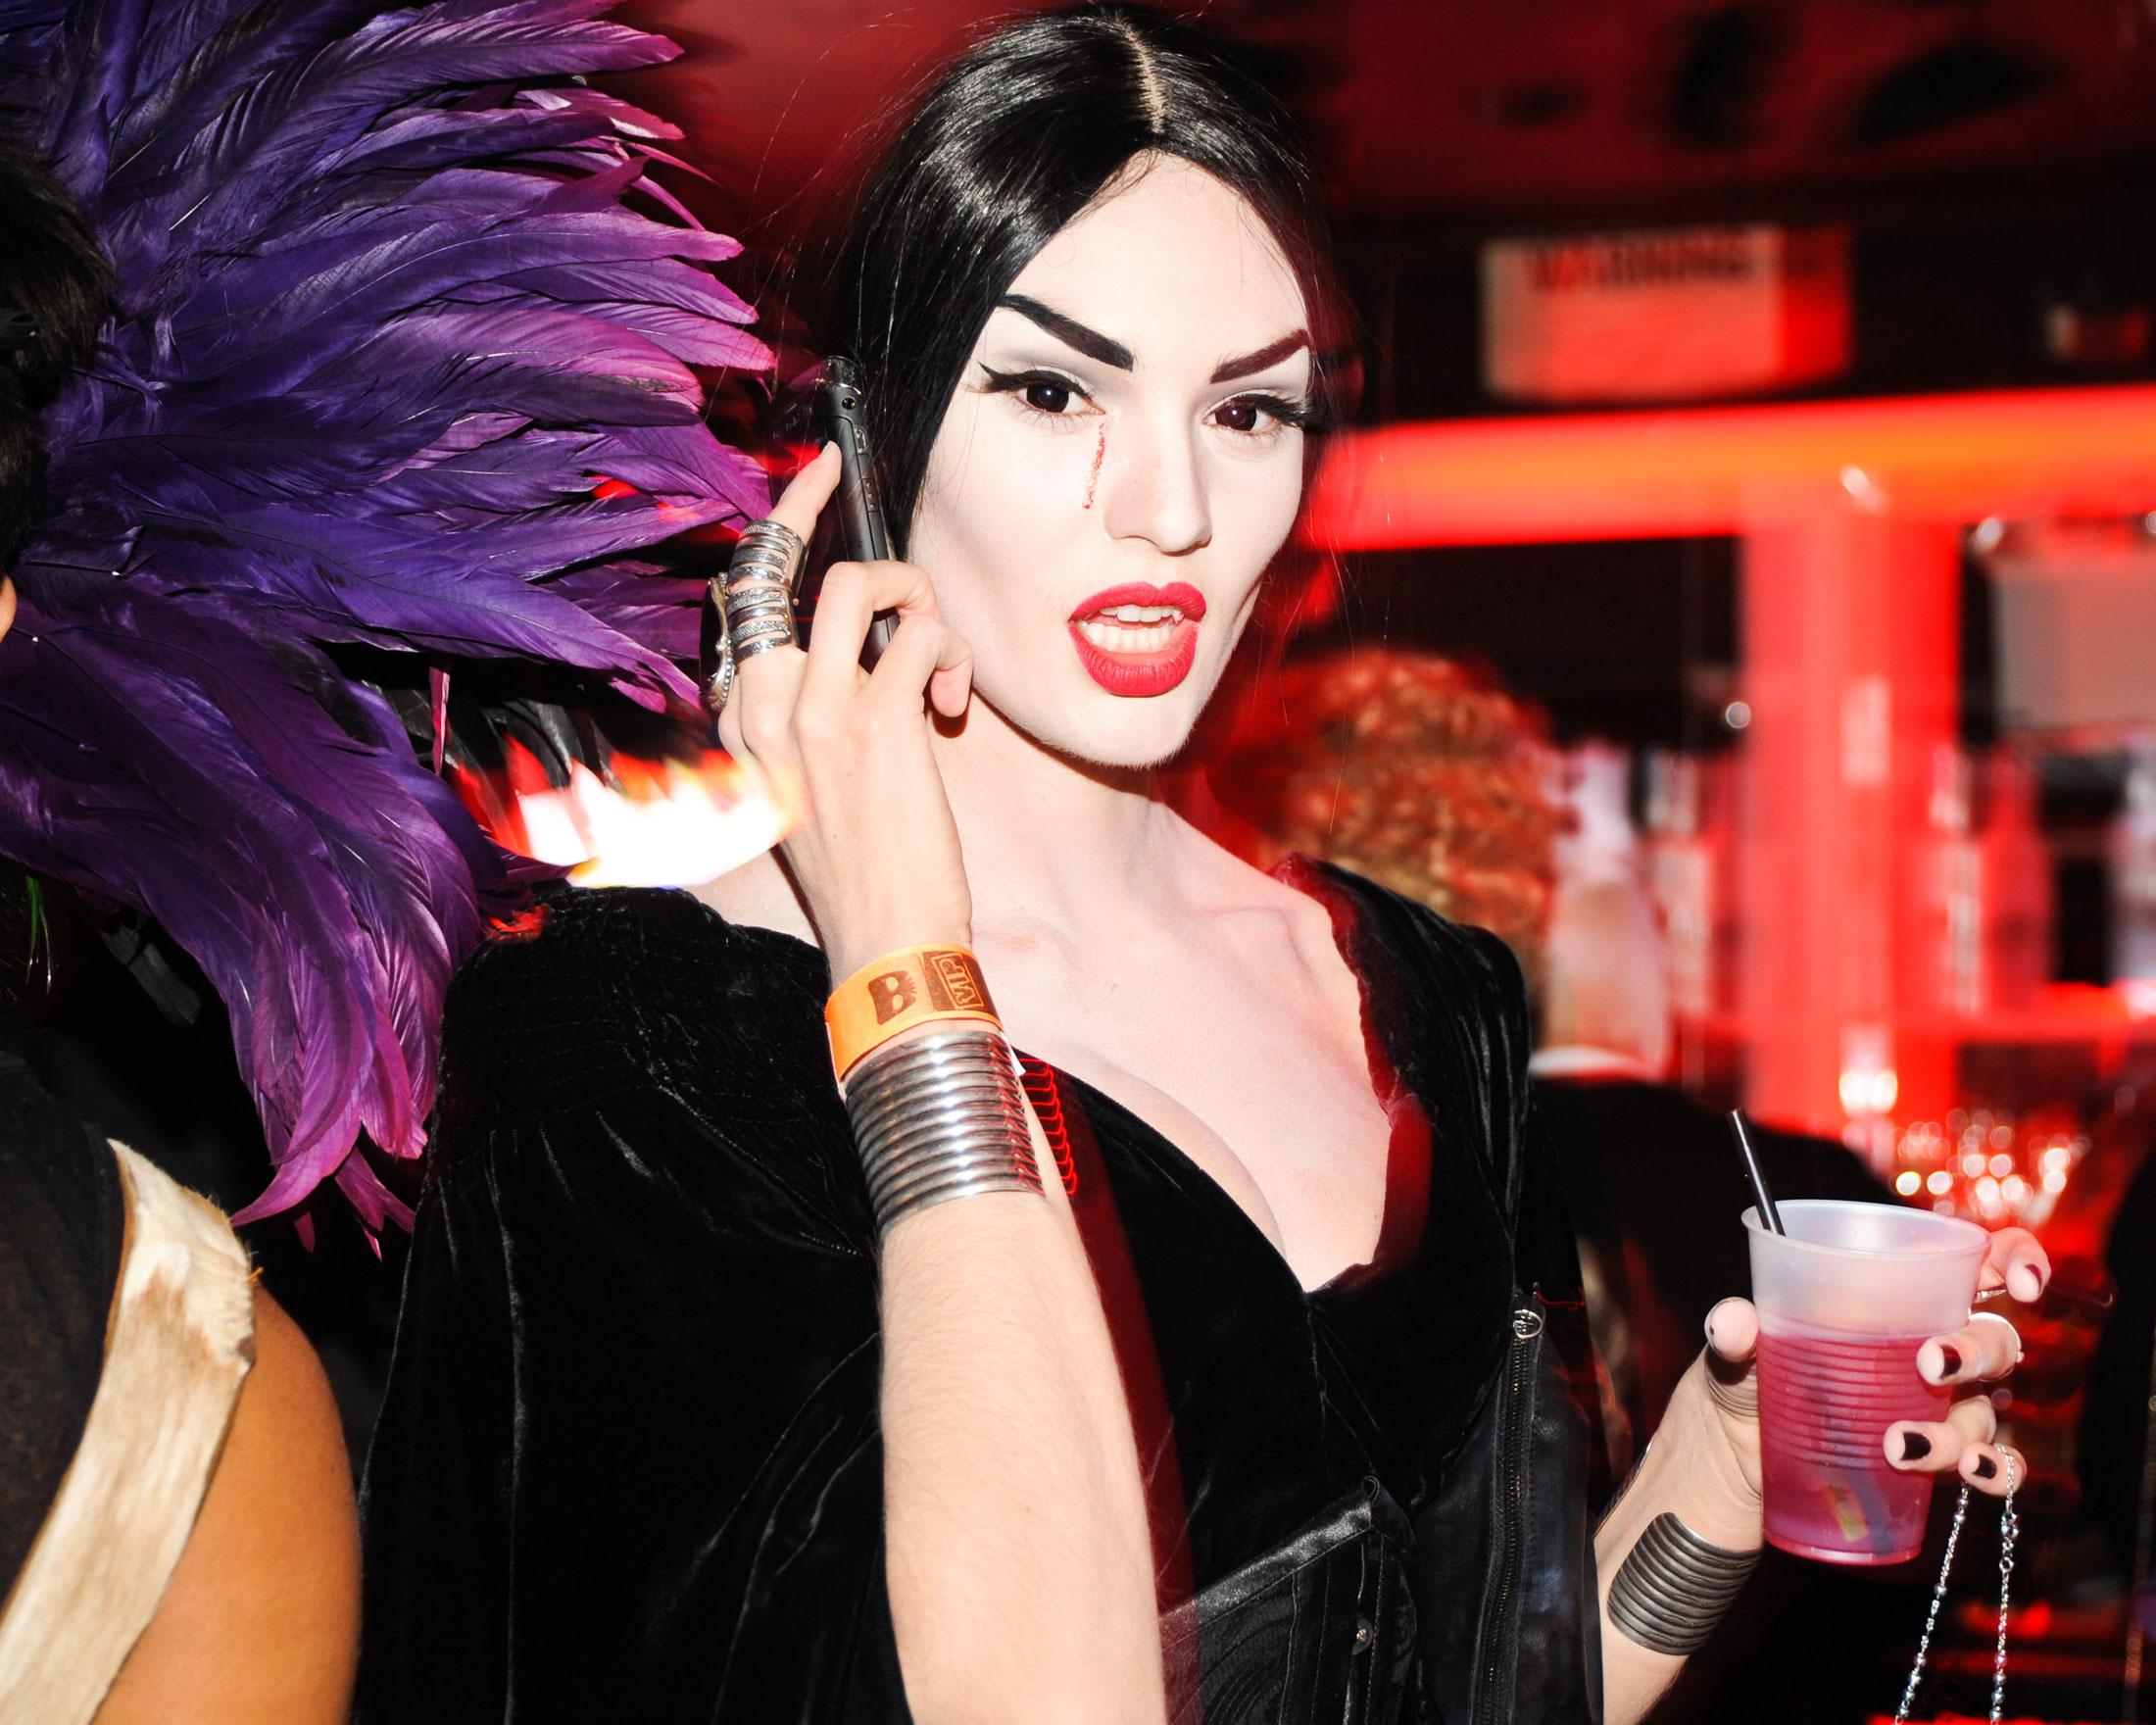 Even Vampires Need iPhones